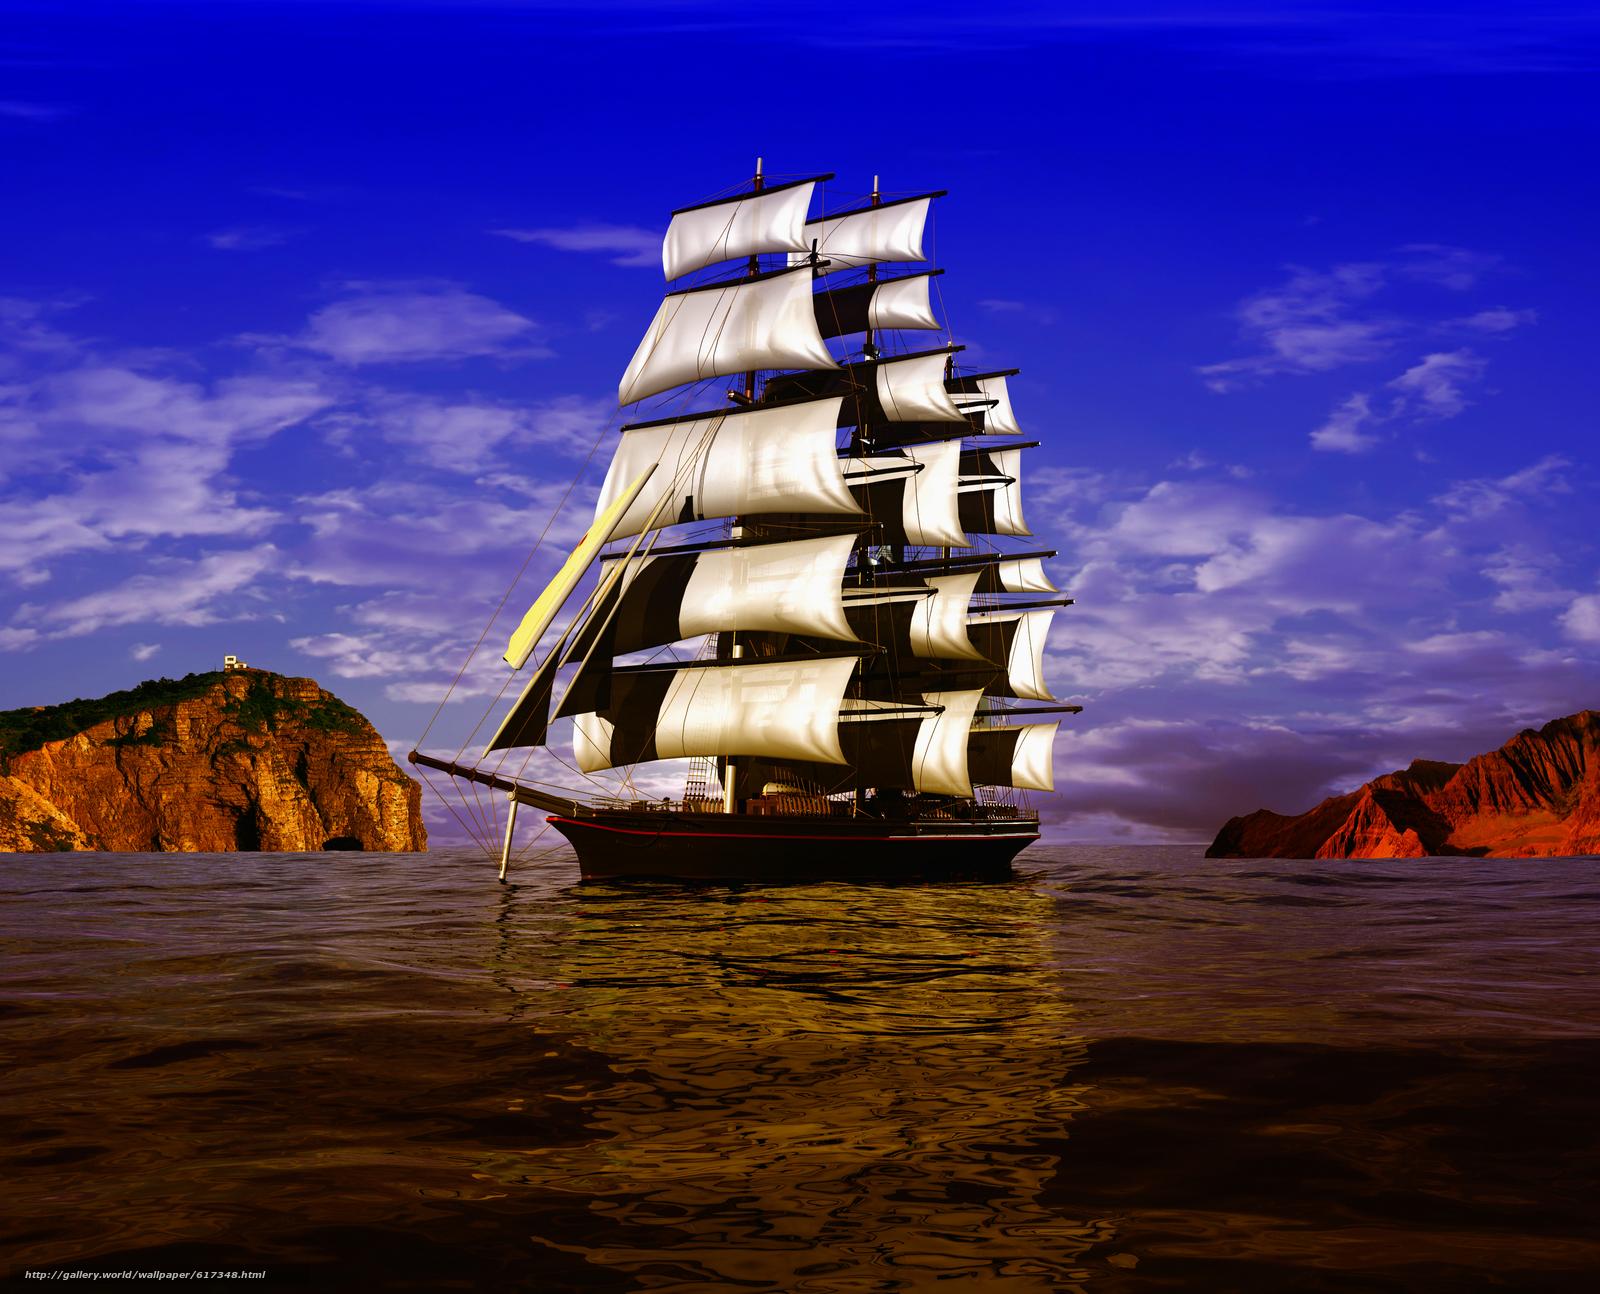 Скачать обои 3D,  ancient,  ship,  sailboat бесплатно для рабочего стола в разрешении 6528x5280 — картинка №617348